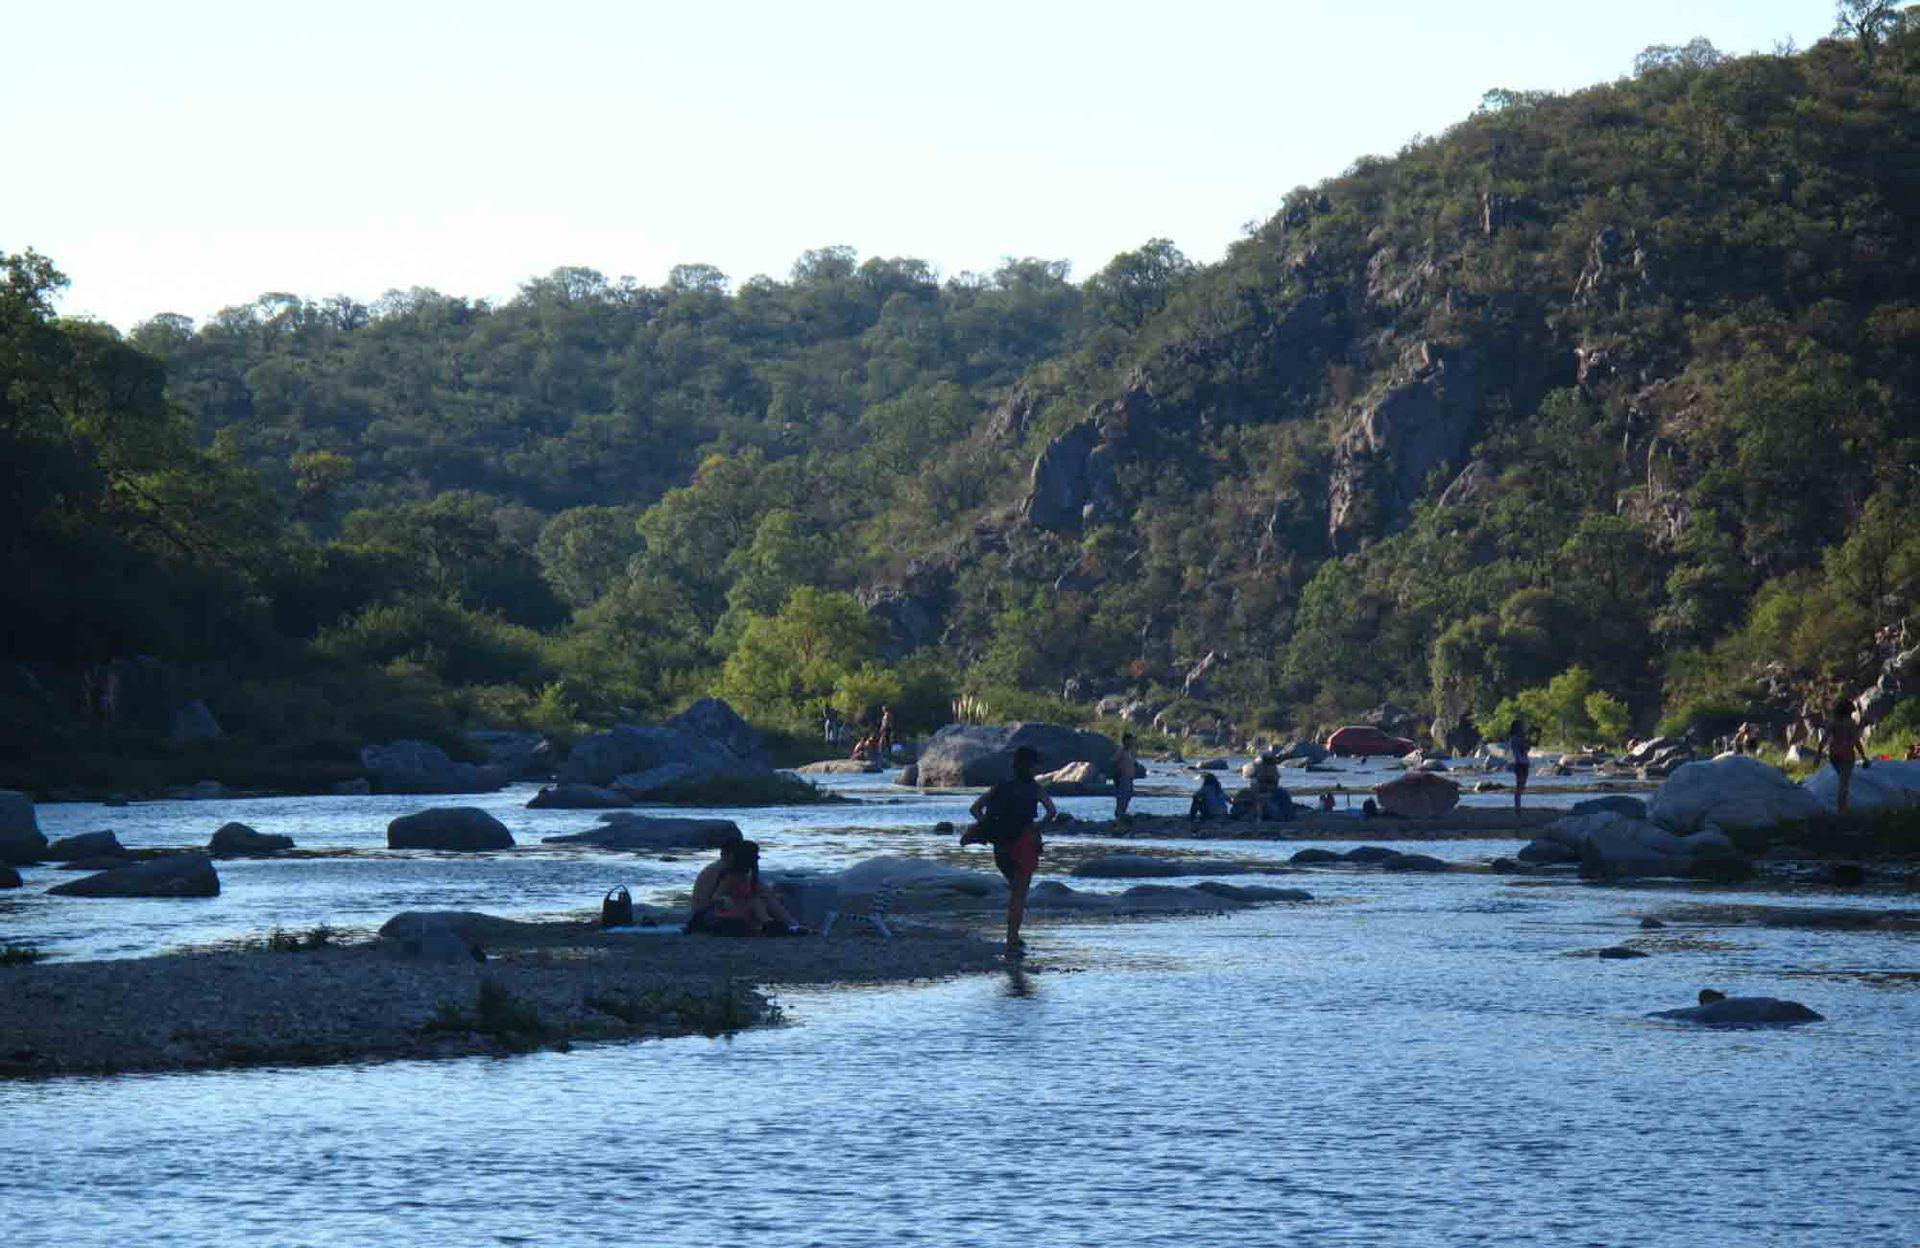 Atardecer tras las sierras en el río Quilpo, en San Marcos Sierras